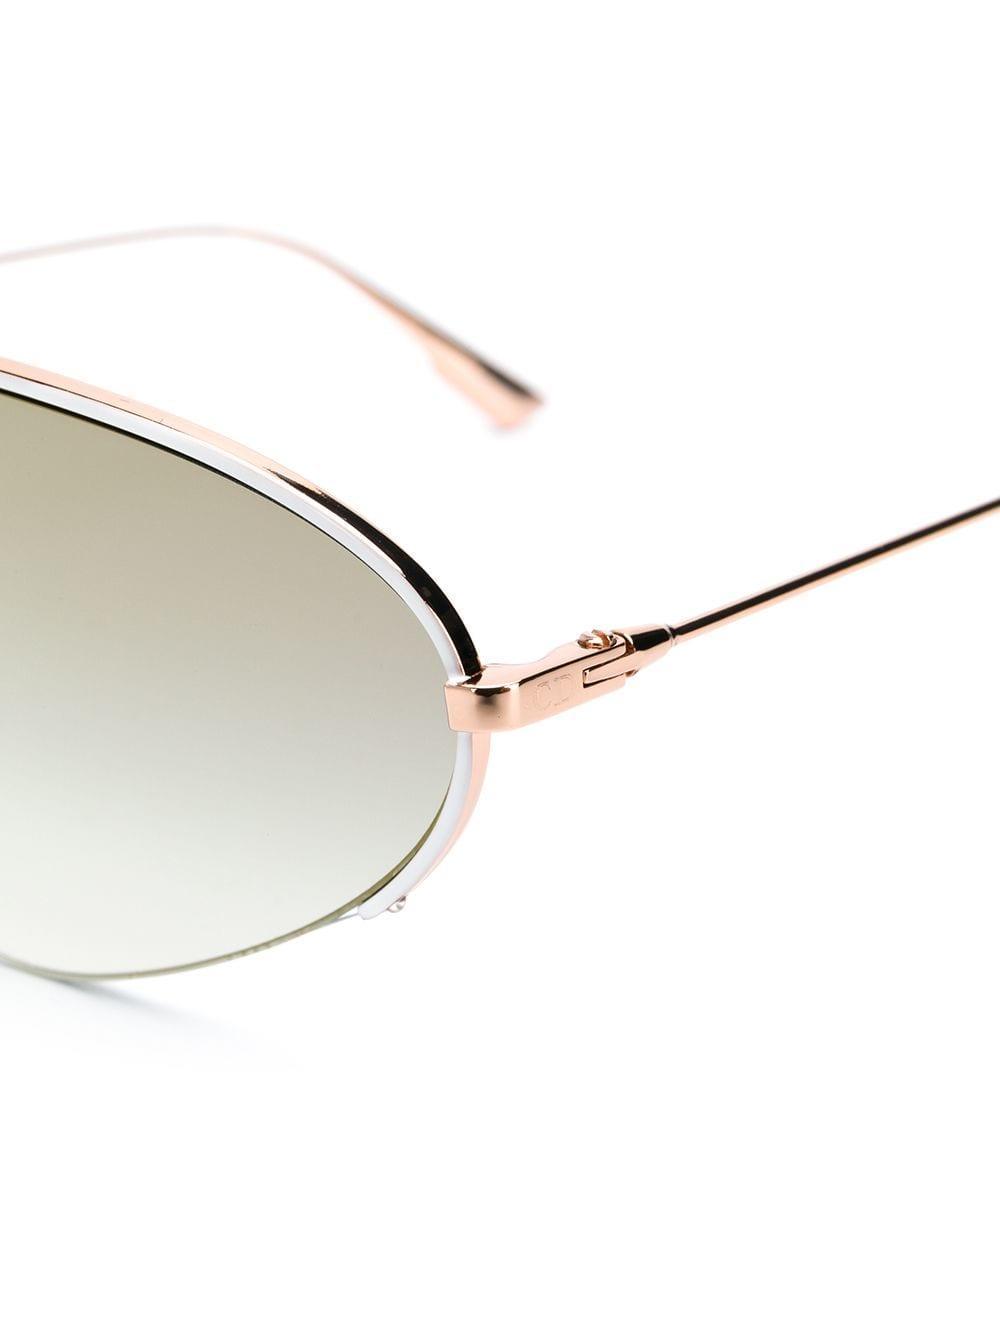 Dior eyewear gafas de sol con montura estilo aviador - dorado 3503fa1dbdd8